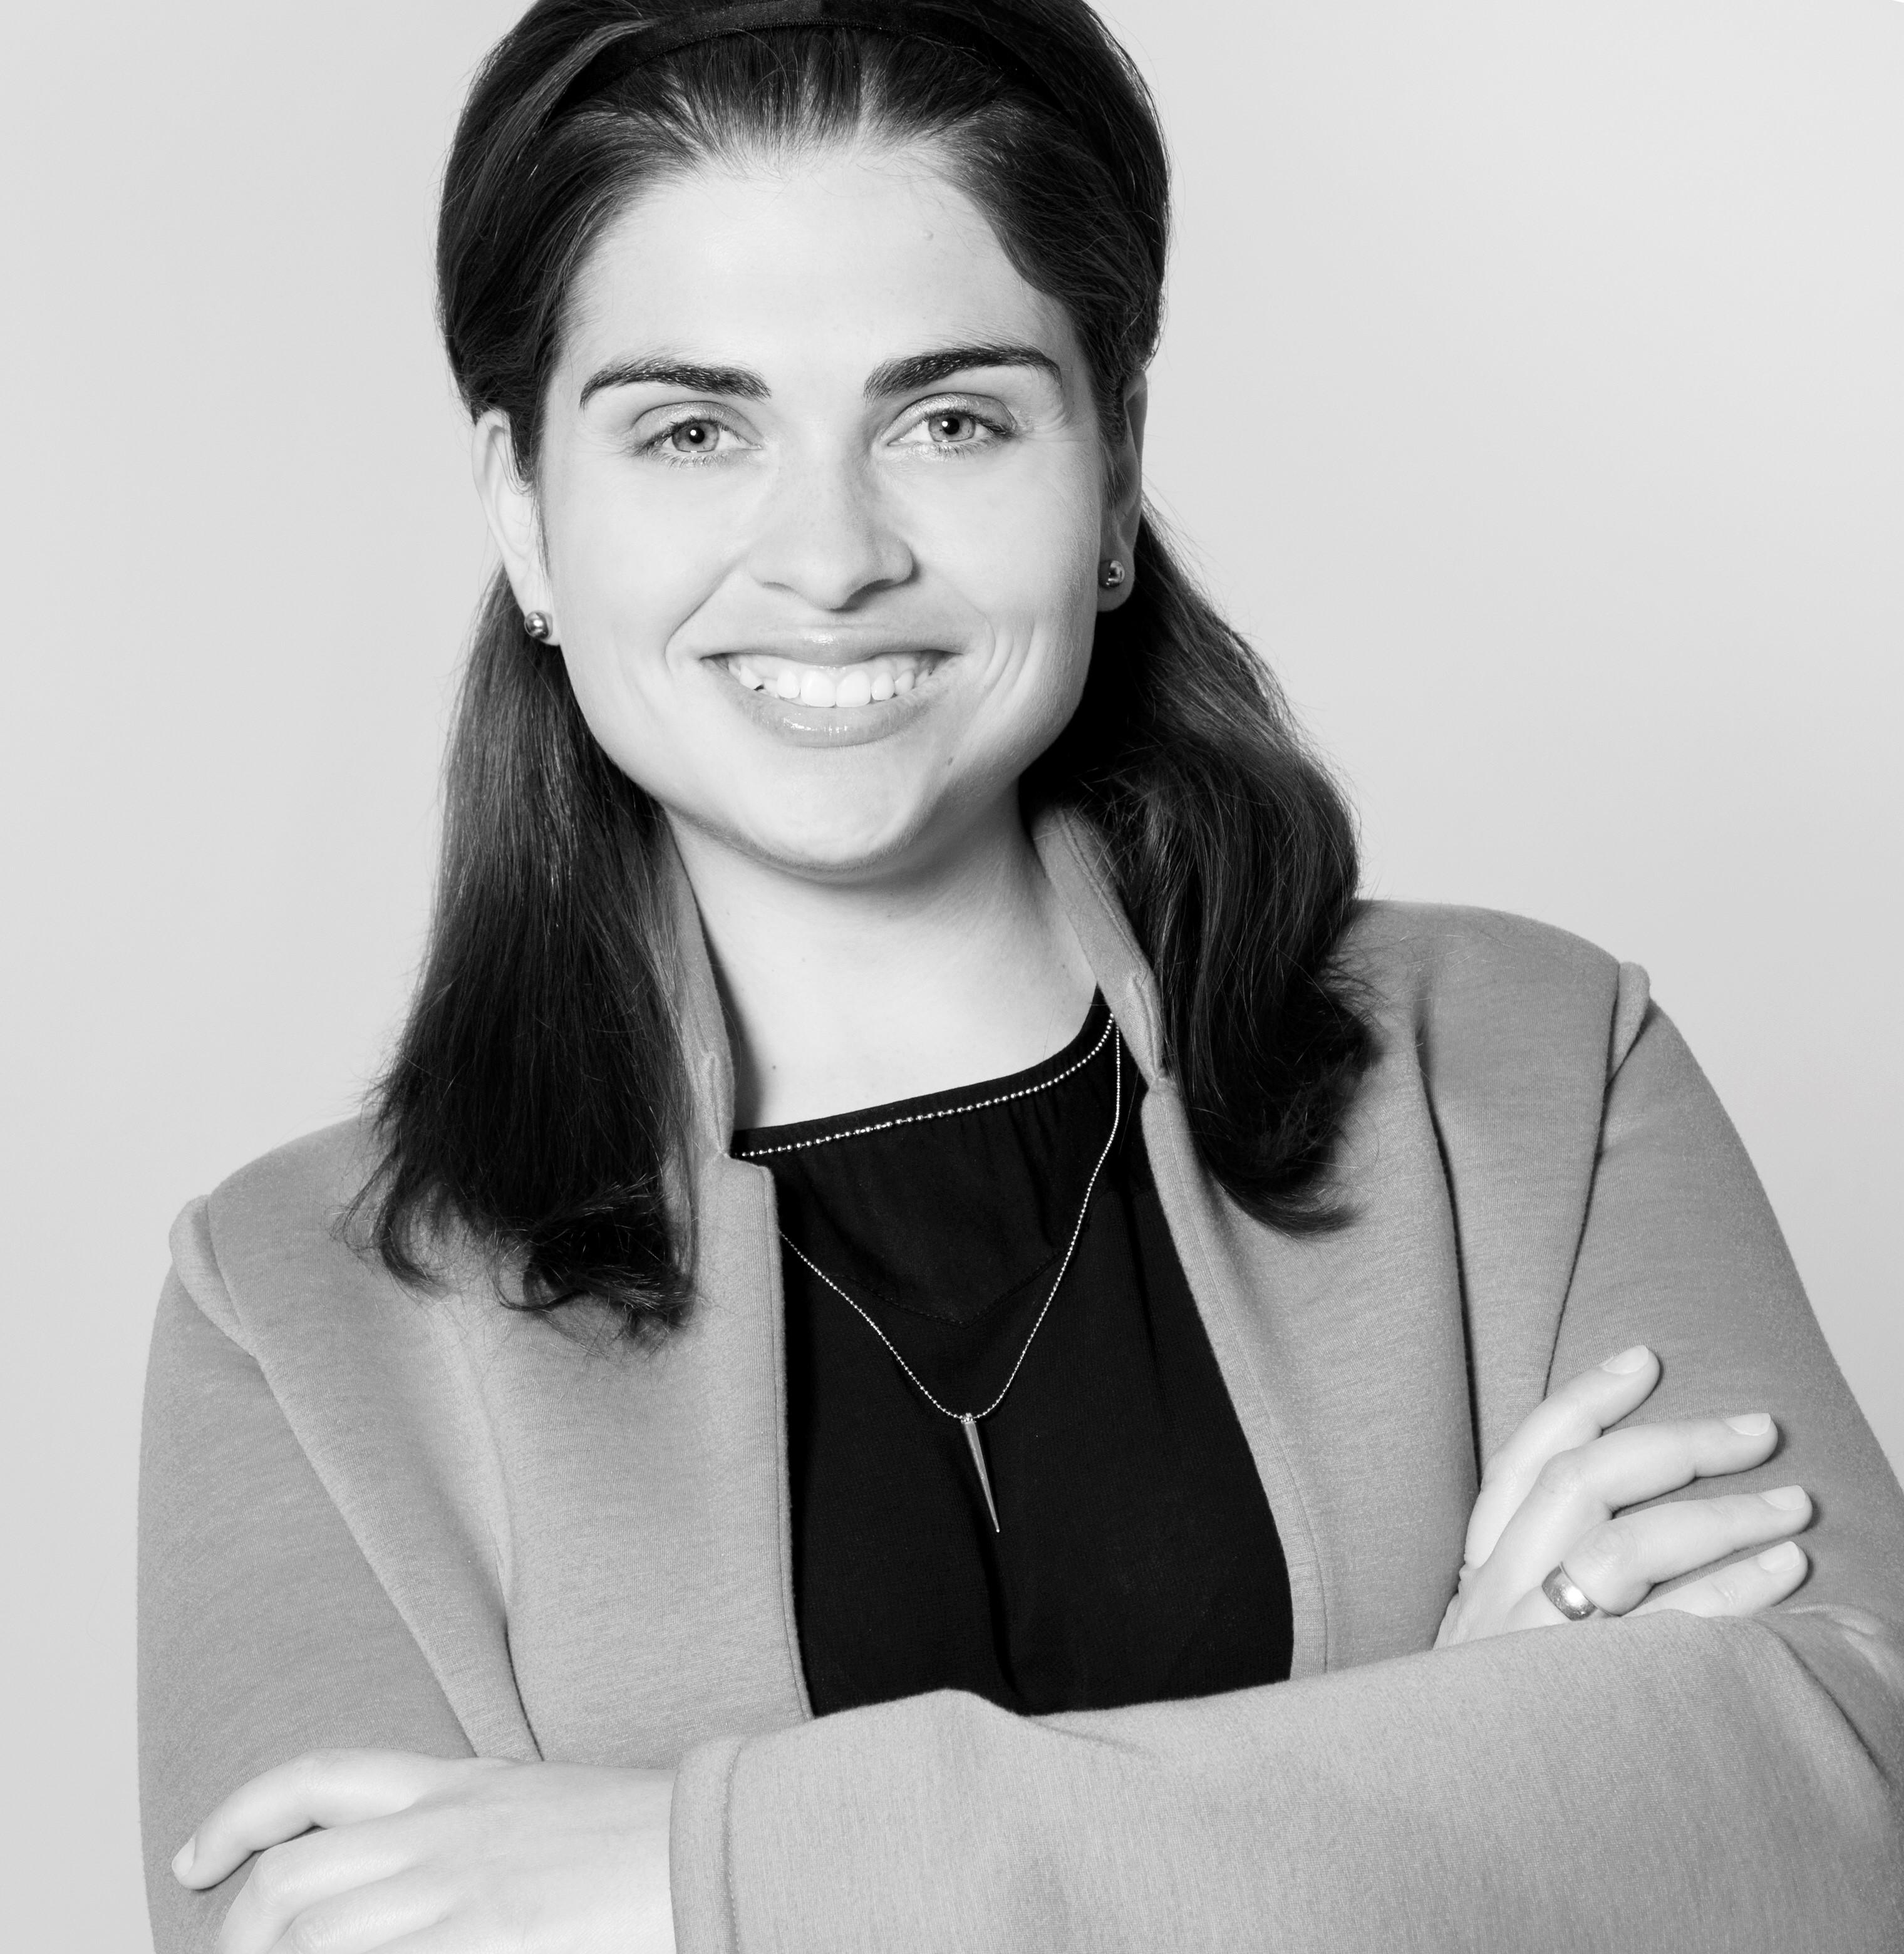 Stephanie Pollmann